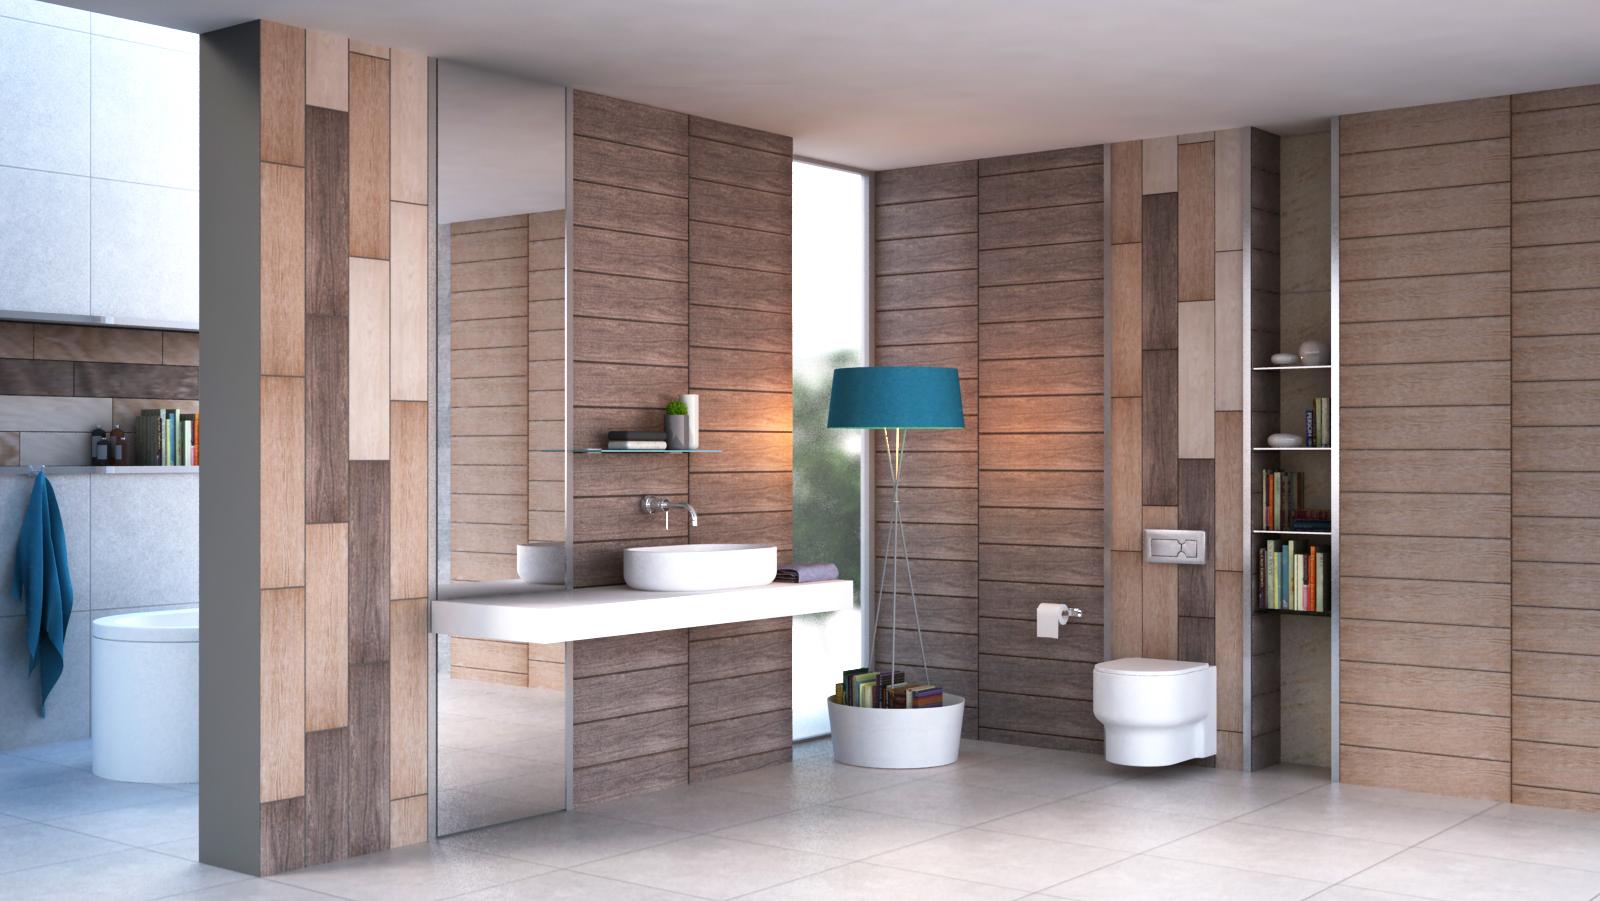 KALE - 3D Interior Design for Mobile Application